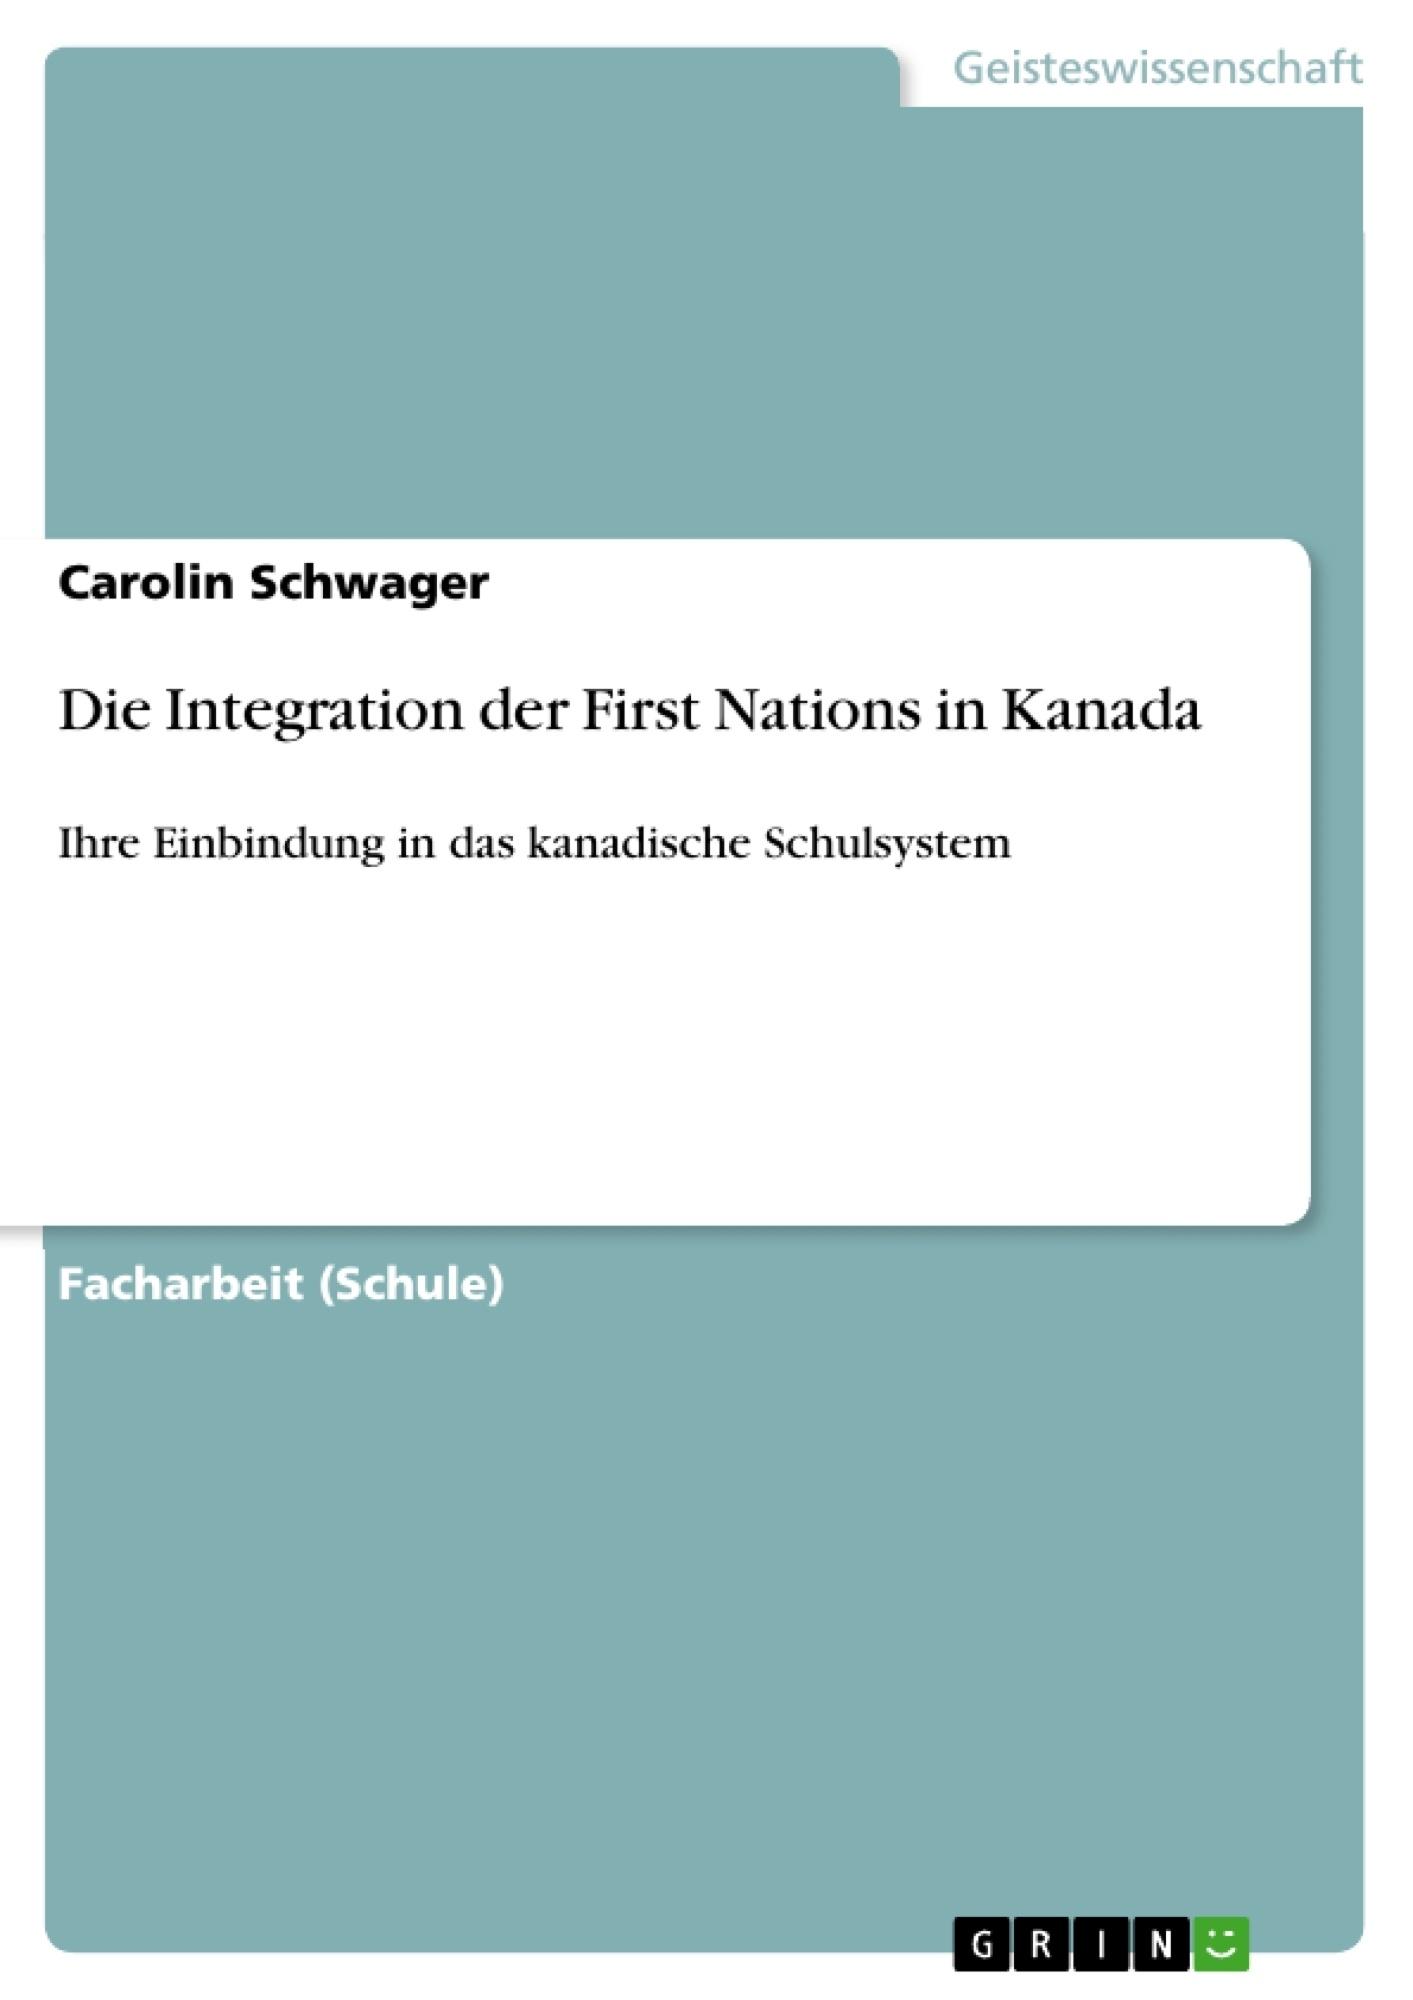 Titel: Die Integration der First Nations in Kanada